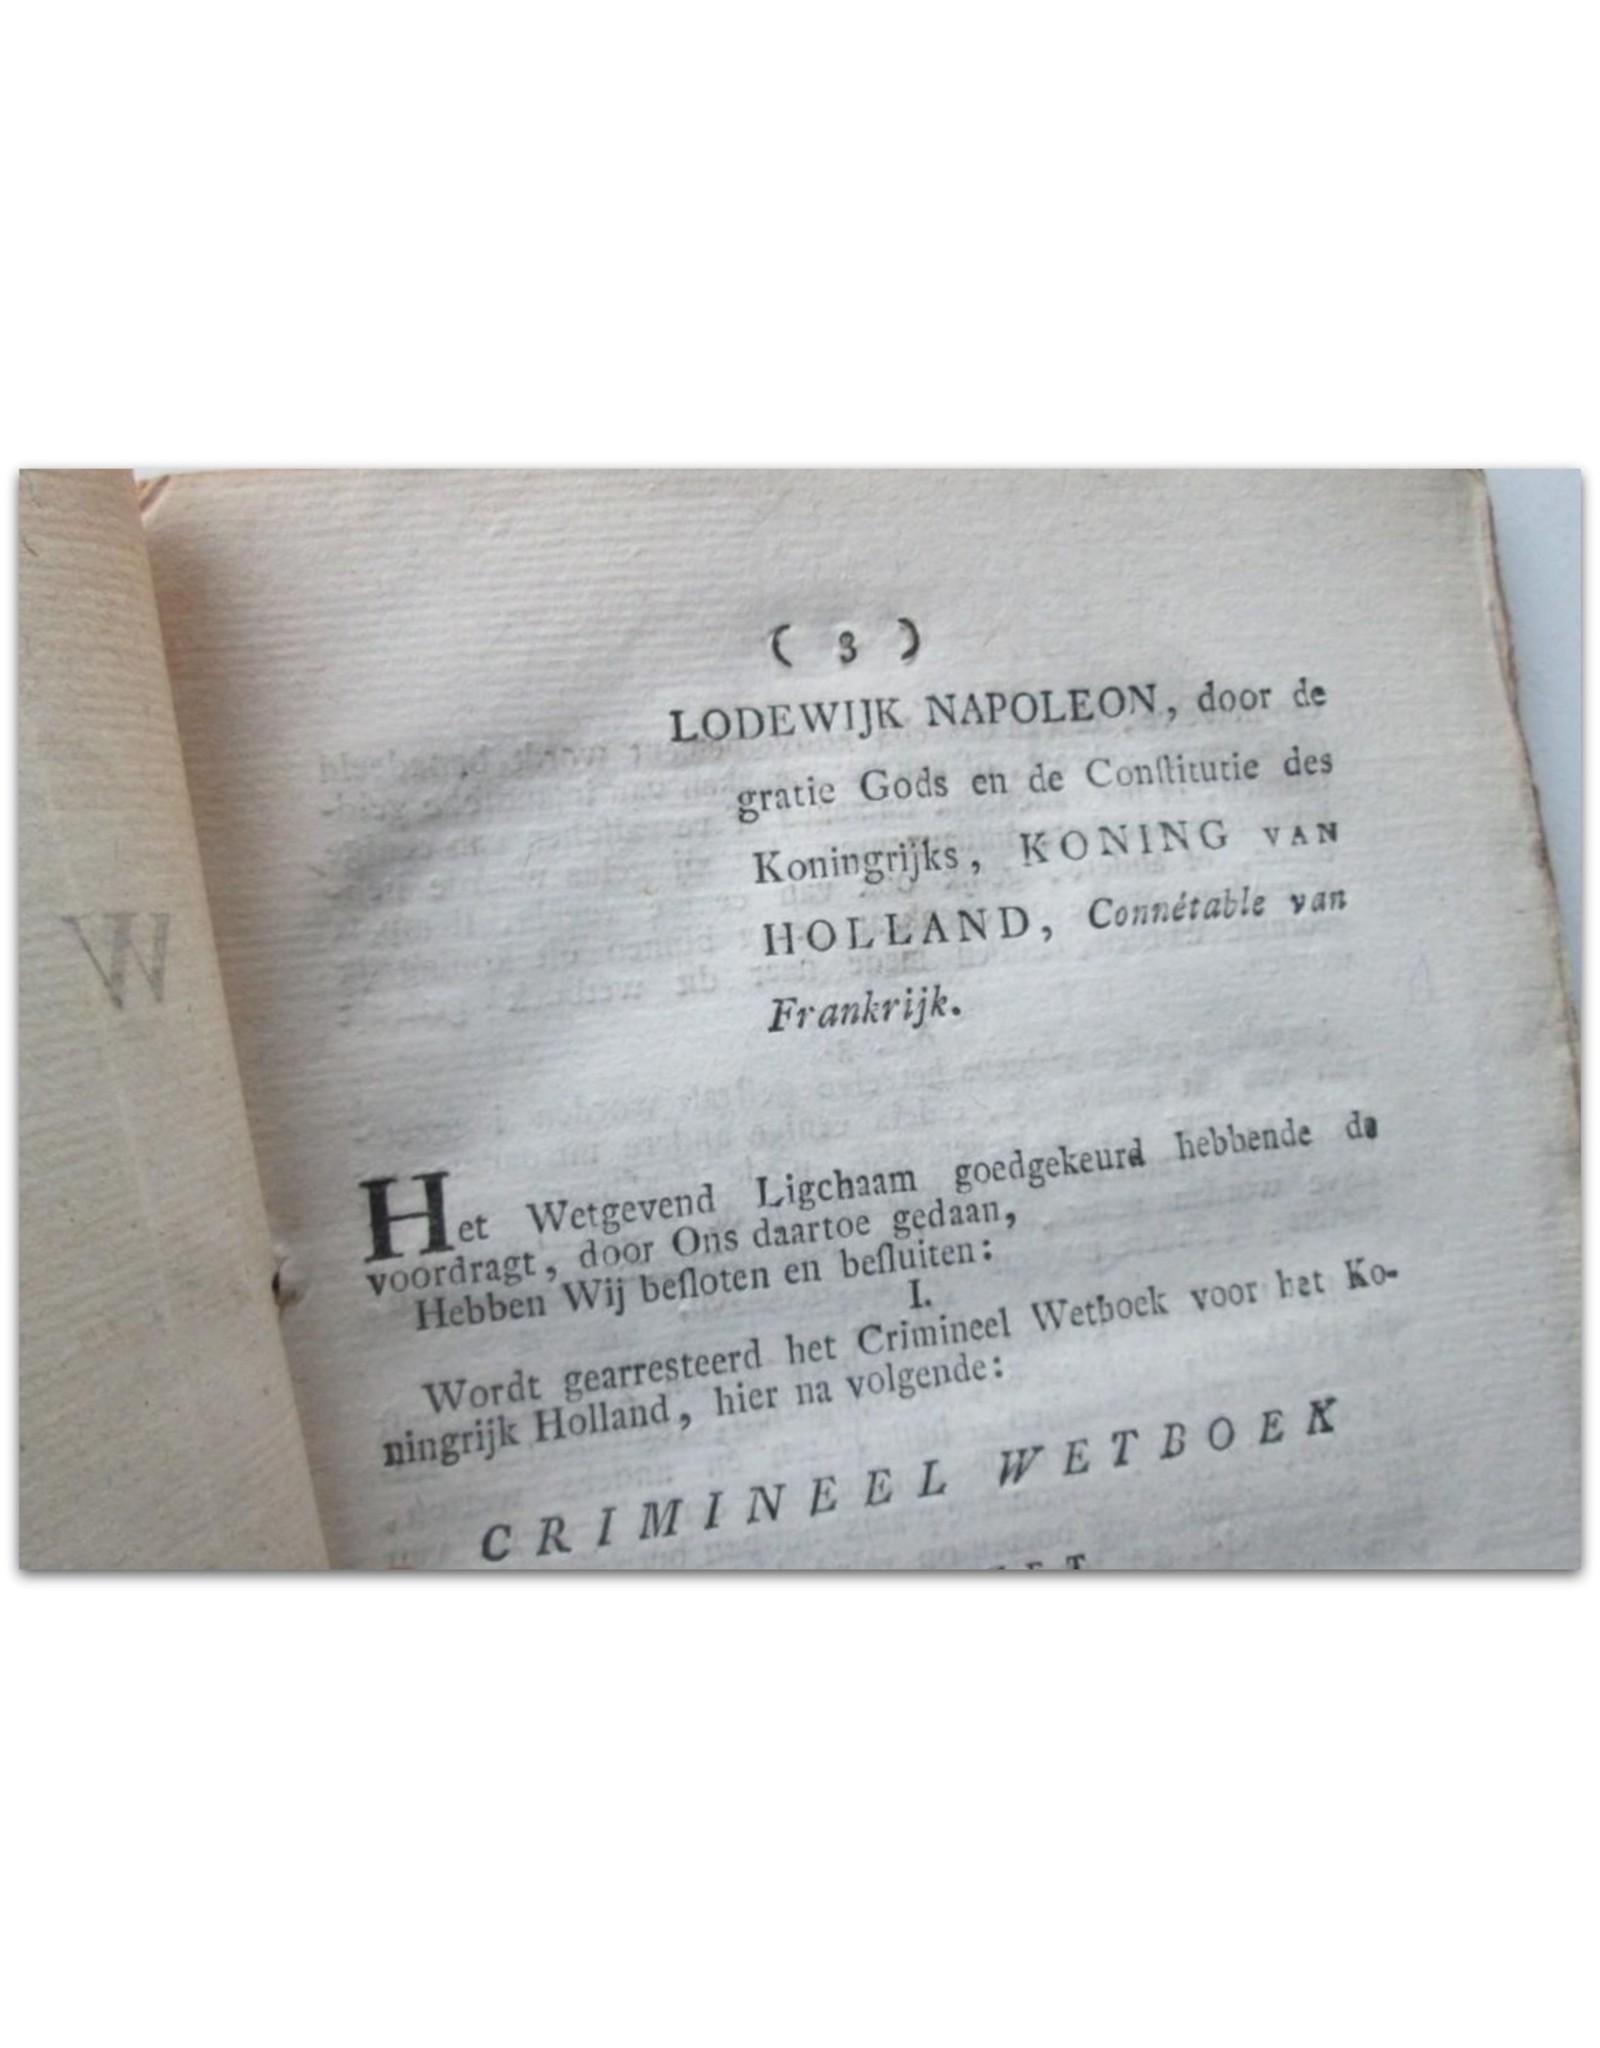 C.F. van Maanen - Crimineel Wetboek voor het Koningrijk Holland